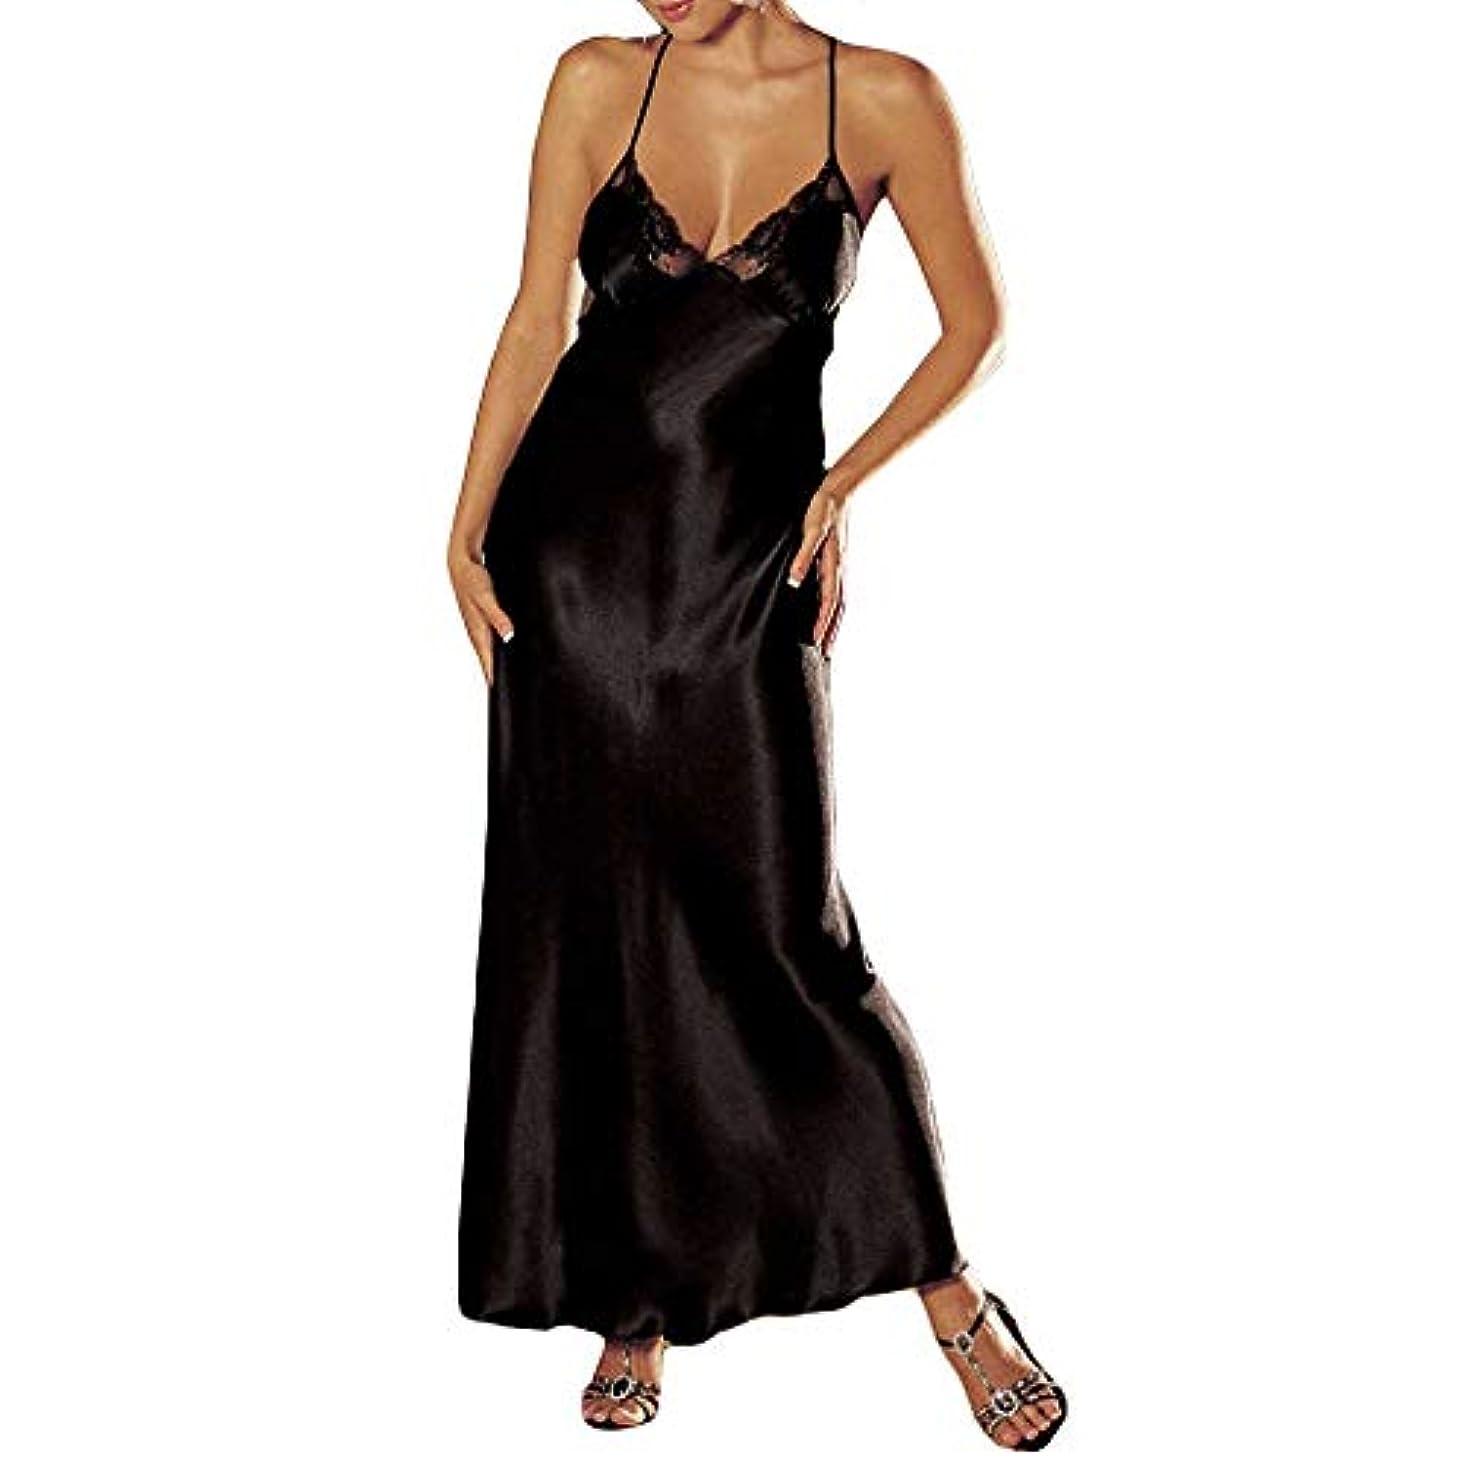 ヒゲ定期的にミサイル吊りドレス liqiuxiang ウーマン 快適 柔らかい ロングスカート 女性 エレガント 着心地 通気性抜群 パジャマ レディース 上下 花柄 ノースリーブ 高級 襦袢